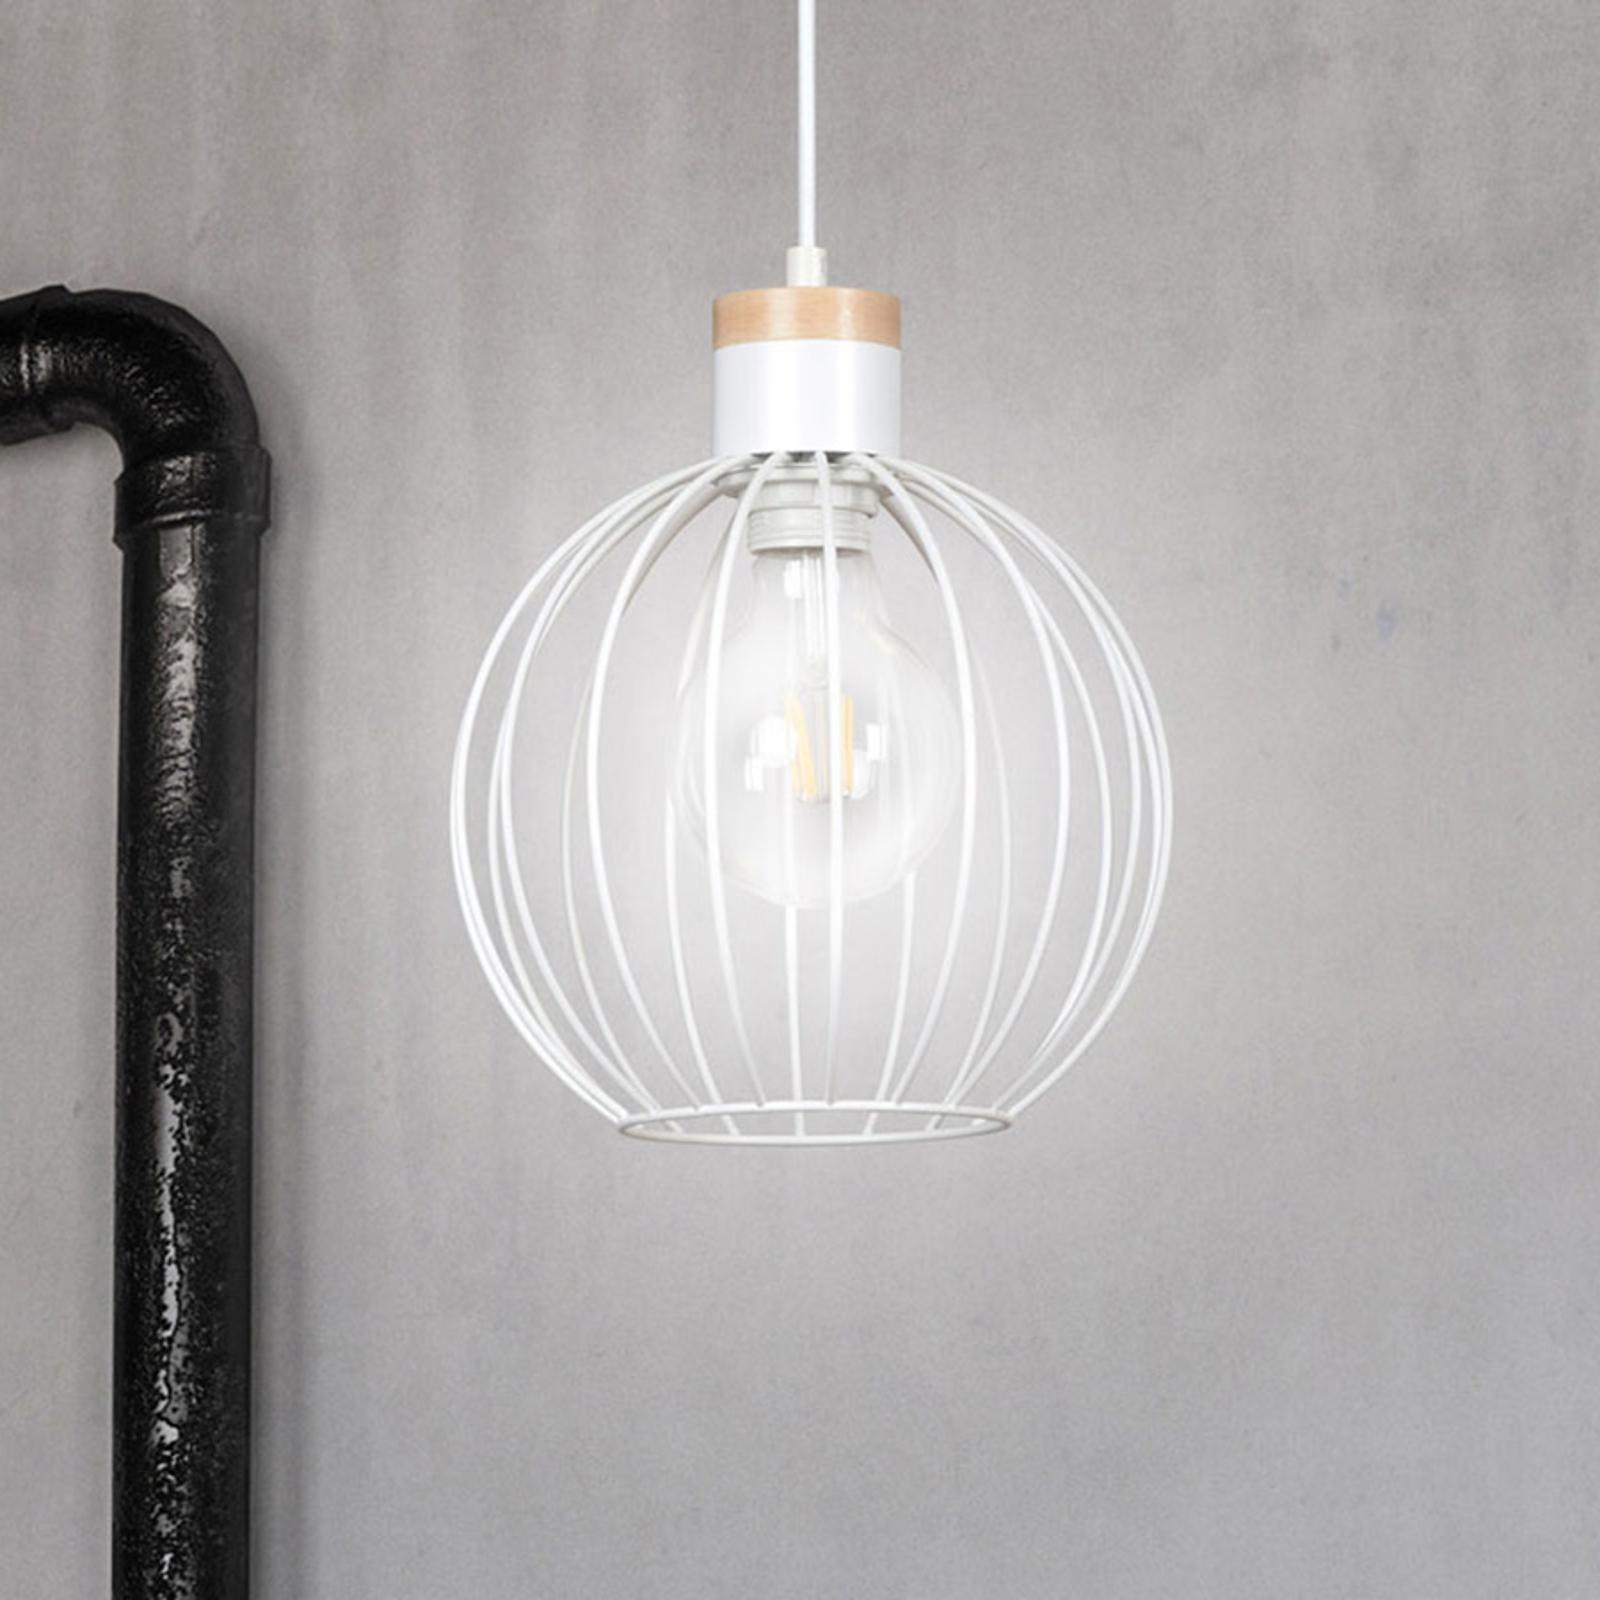 Závěsné světlo Barbado, jeden zdroj, bílá